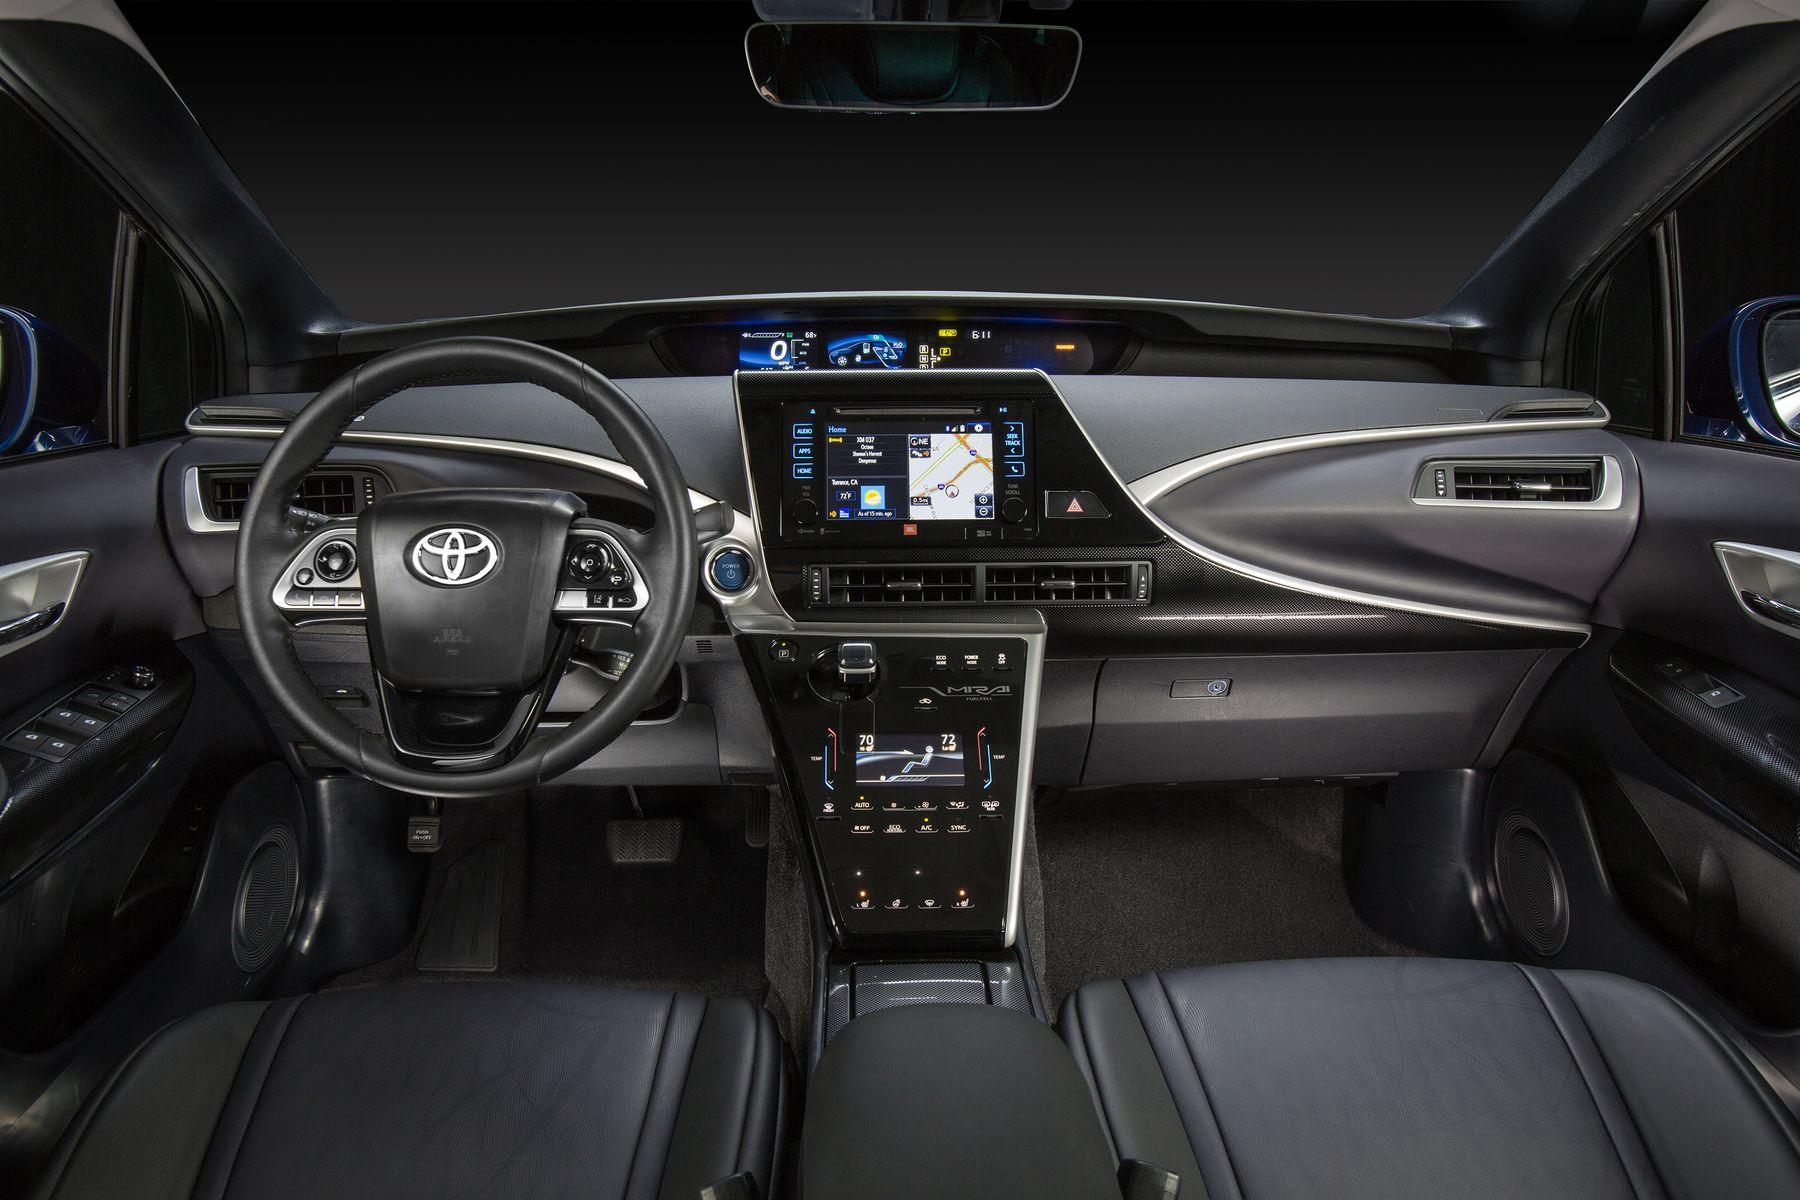 پرفروشترین خودروی هیدروژنی آمریکا ؛ تویوتا میرای 2017